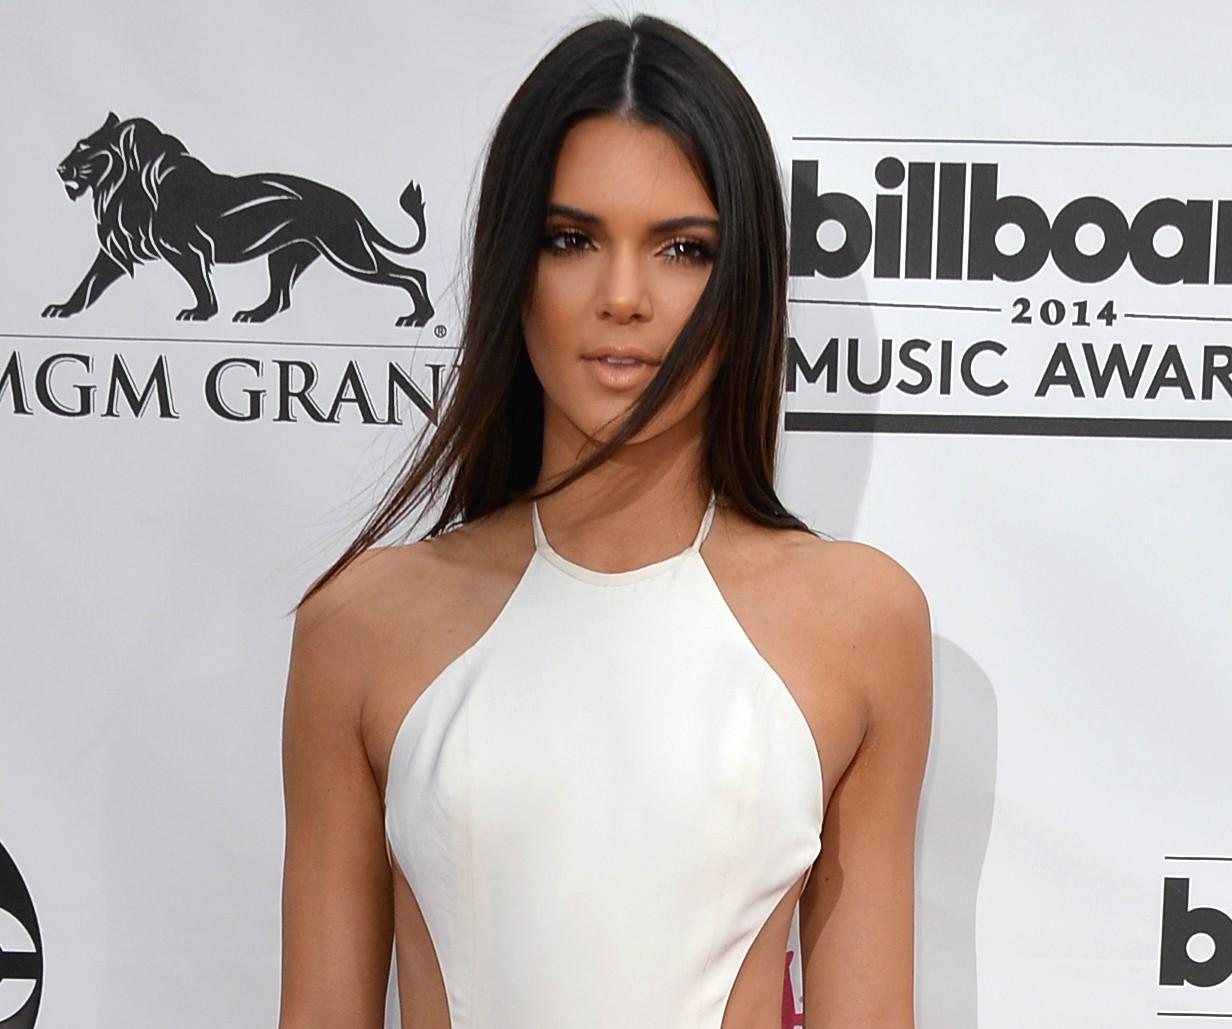 Aos 18 anos, Kendall Jenner já está até conseguindo brilho próprio como modelo. Ela é filha de Kris Jenner, matriarca das Kardashians e estrela de televisão, com o ex-atleta olímpico Bruce Jenner. (Foto: Getty Images)